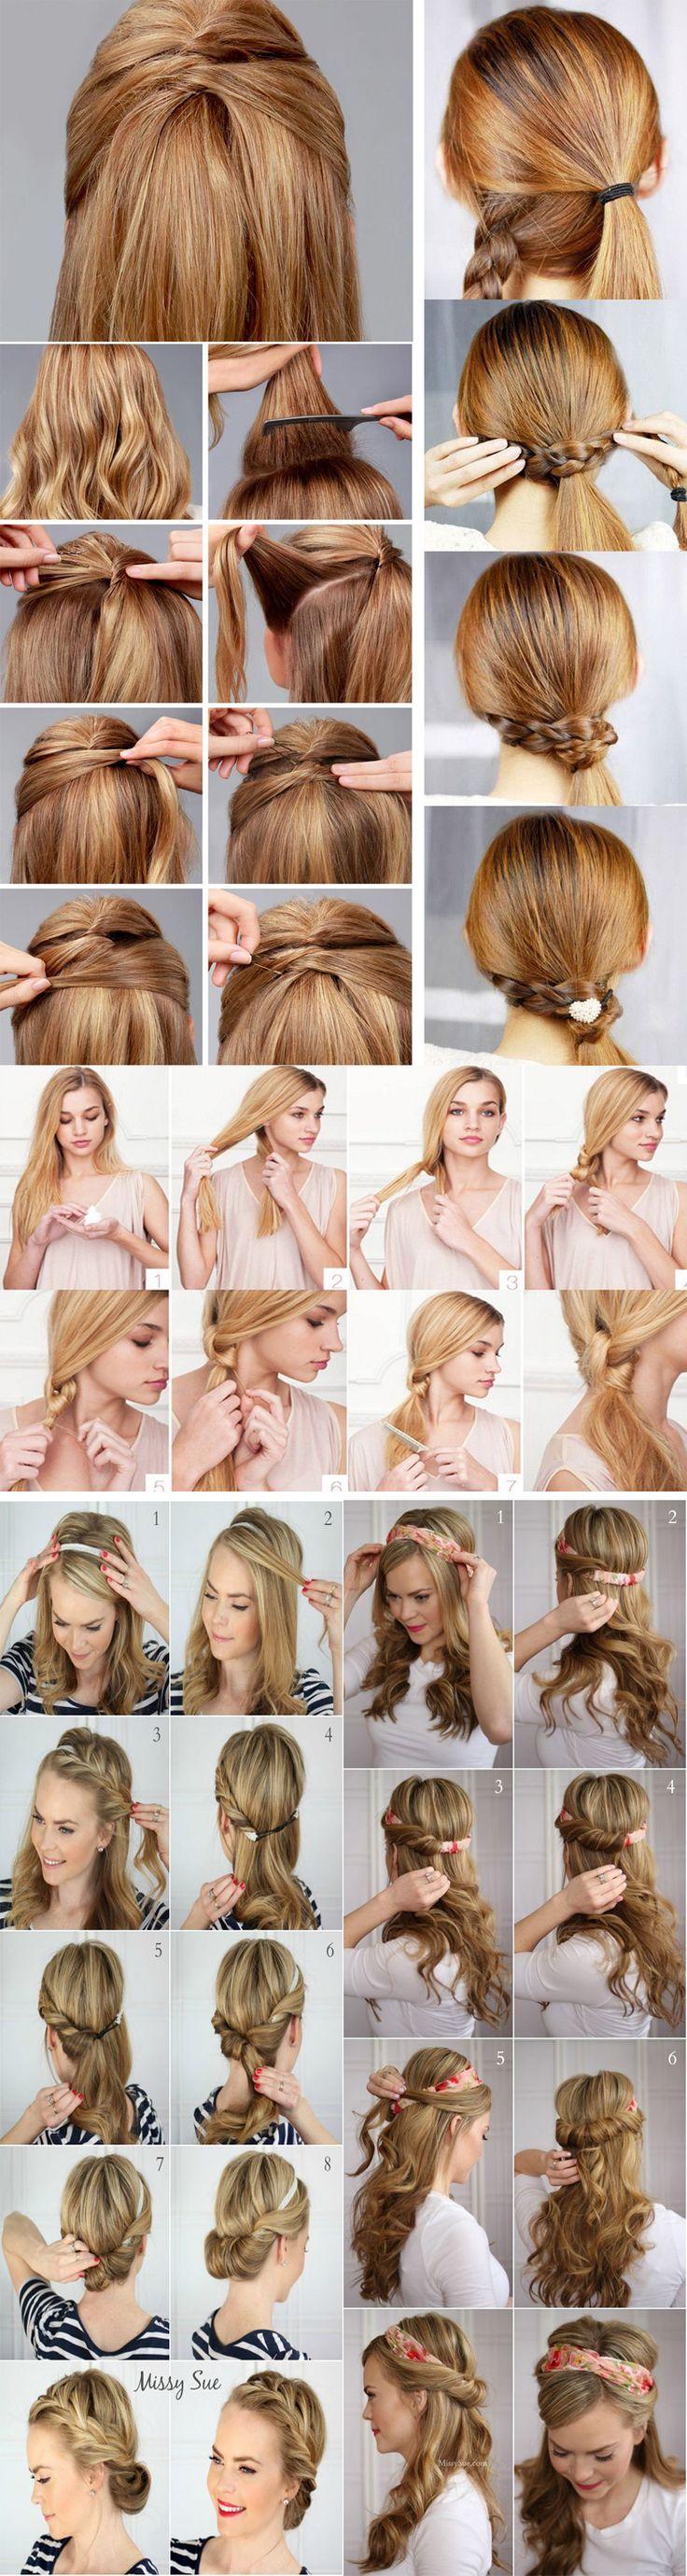 15 Penteados passo a passo para as festas de final de ano: tem tutorial pra todos os gostos, com penteados simples, com trança, com coque e muito mais!